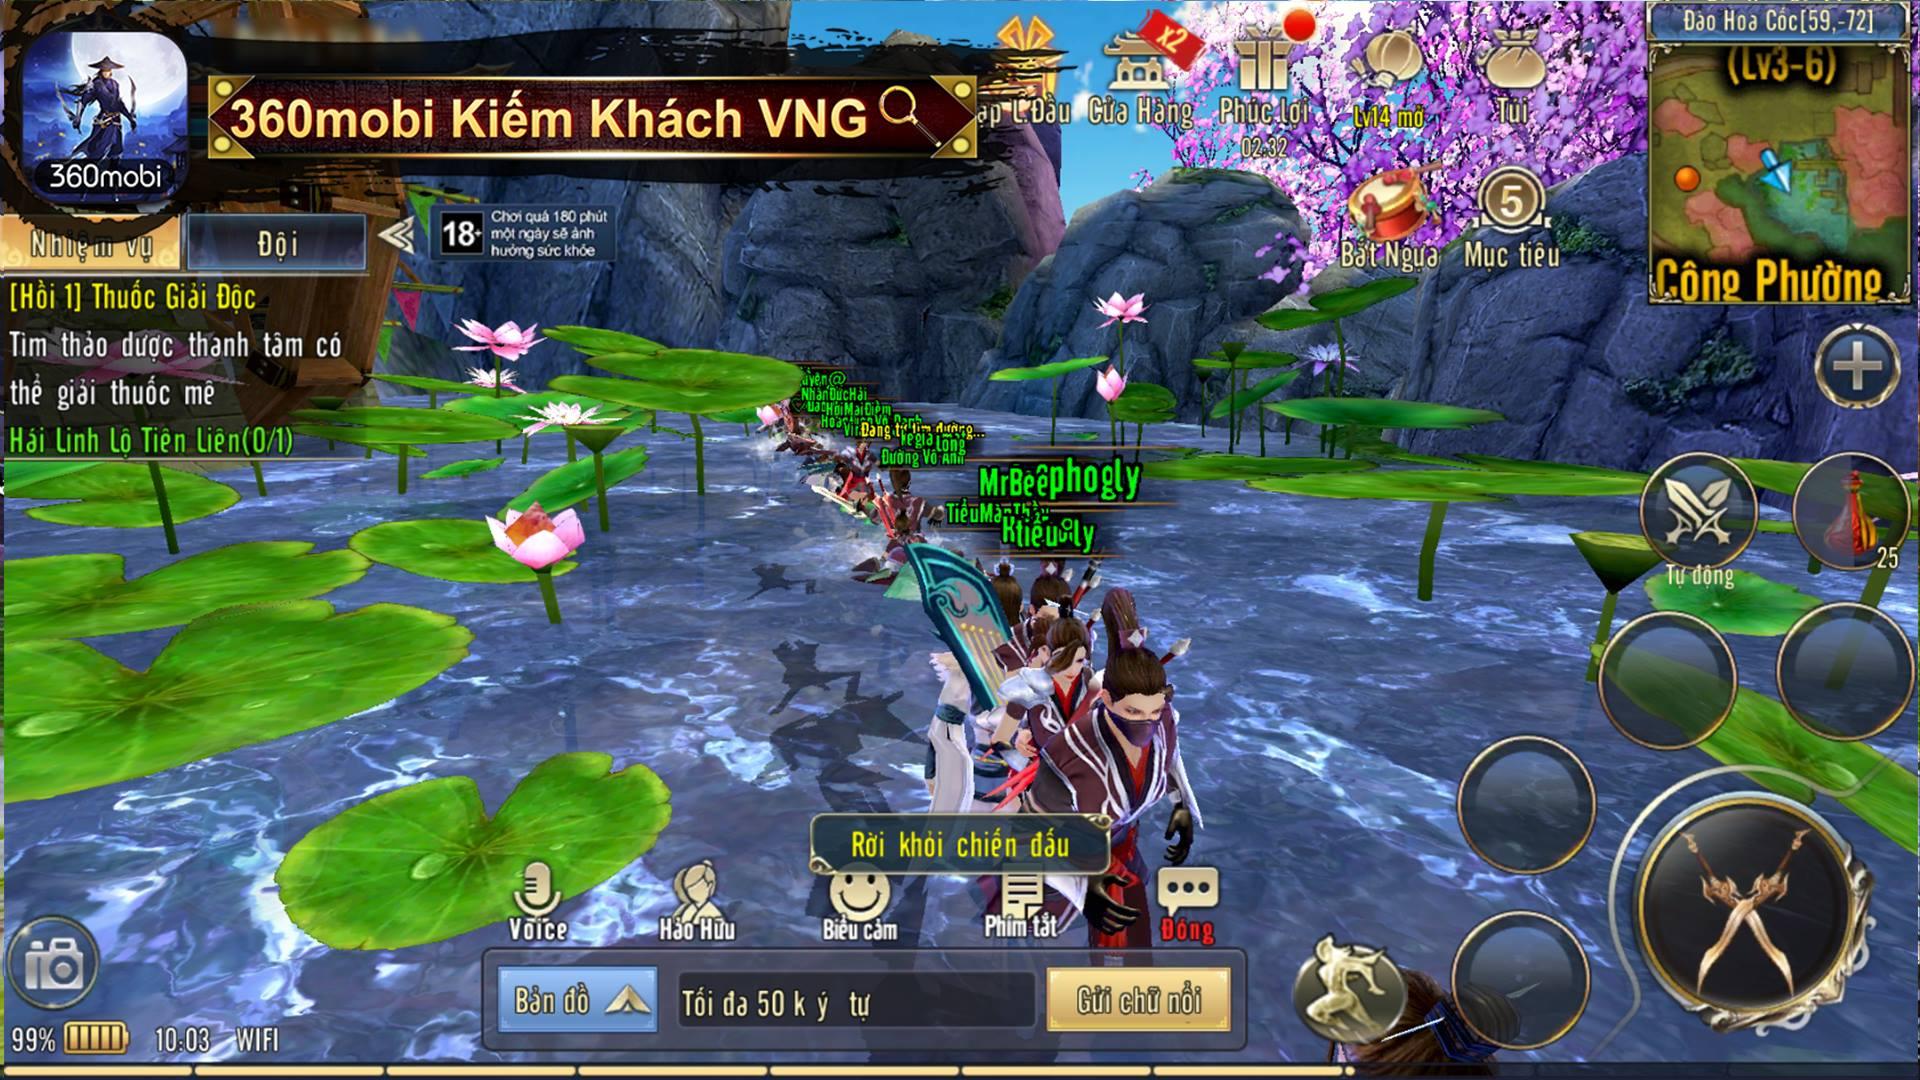 360mobi Kiếm Khách sẽ ra mắt chính thức vào 10h00 ngày 13/04, với phiên bản  Android. Những người chơi đã nạp thẻ từ phiên bản thử nghiệm sẽ được hoàn  trả ...